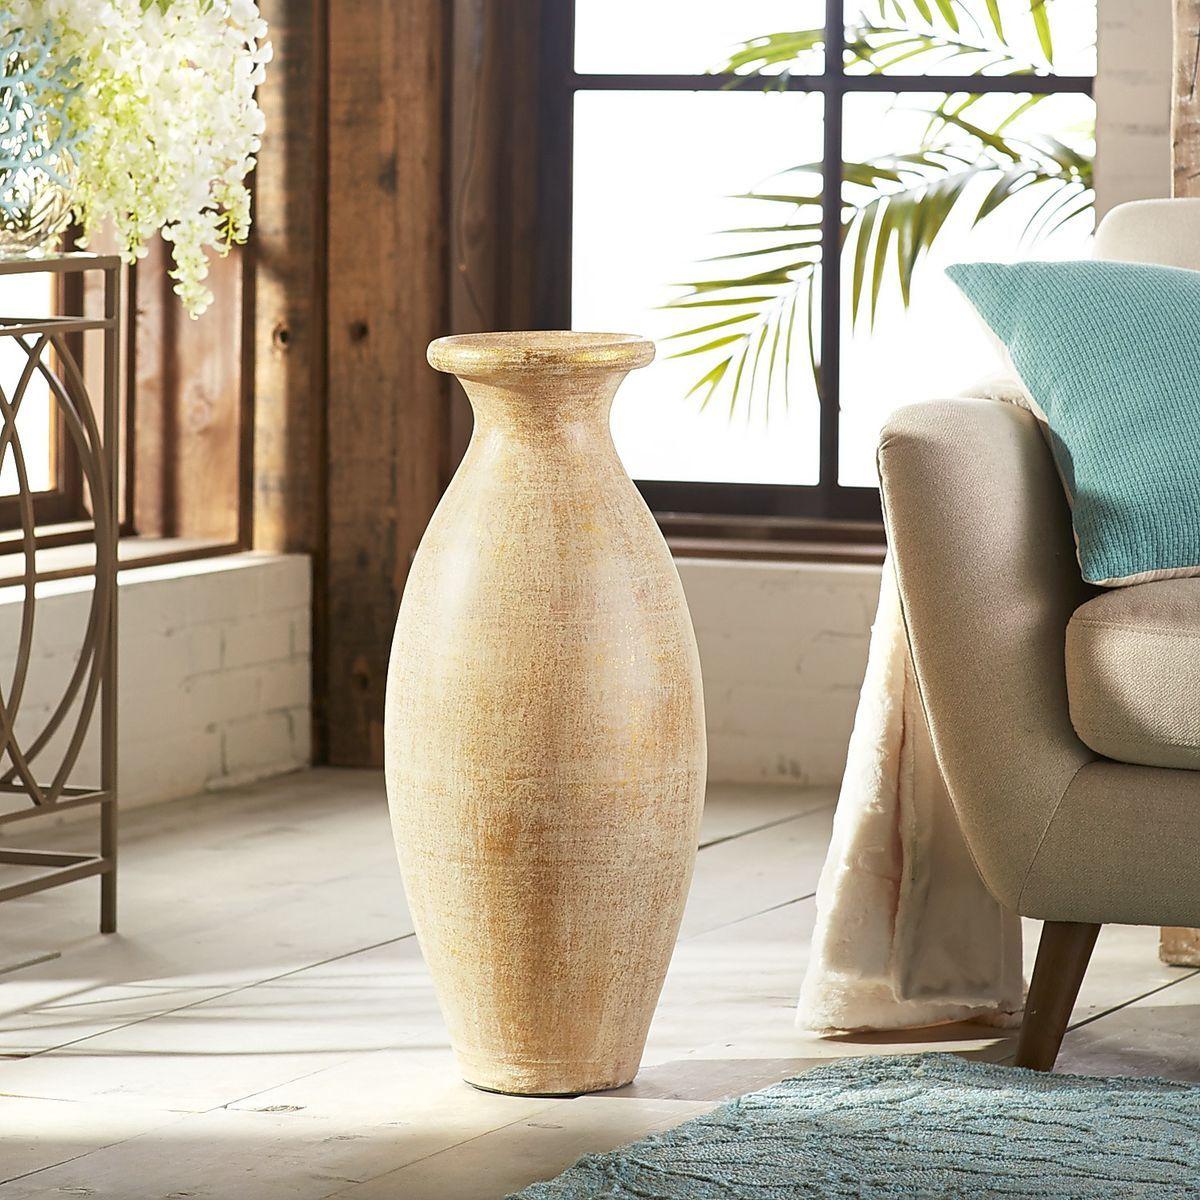 Golden patina cream terracotta floor vase pier 1 imports pier golden patina cream terracotta floor vase pier 1 imports reviewsmspy